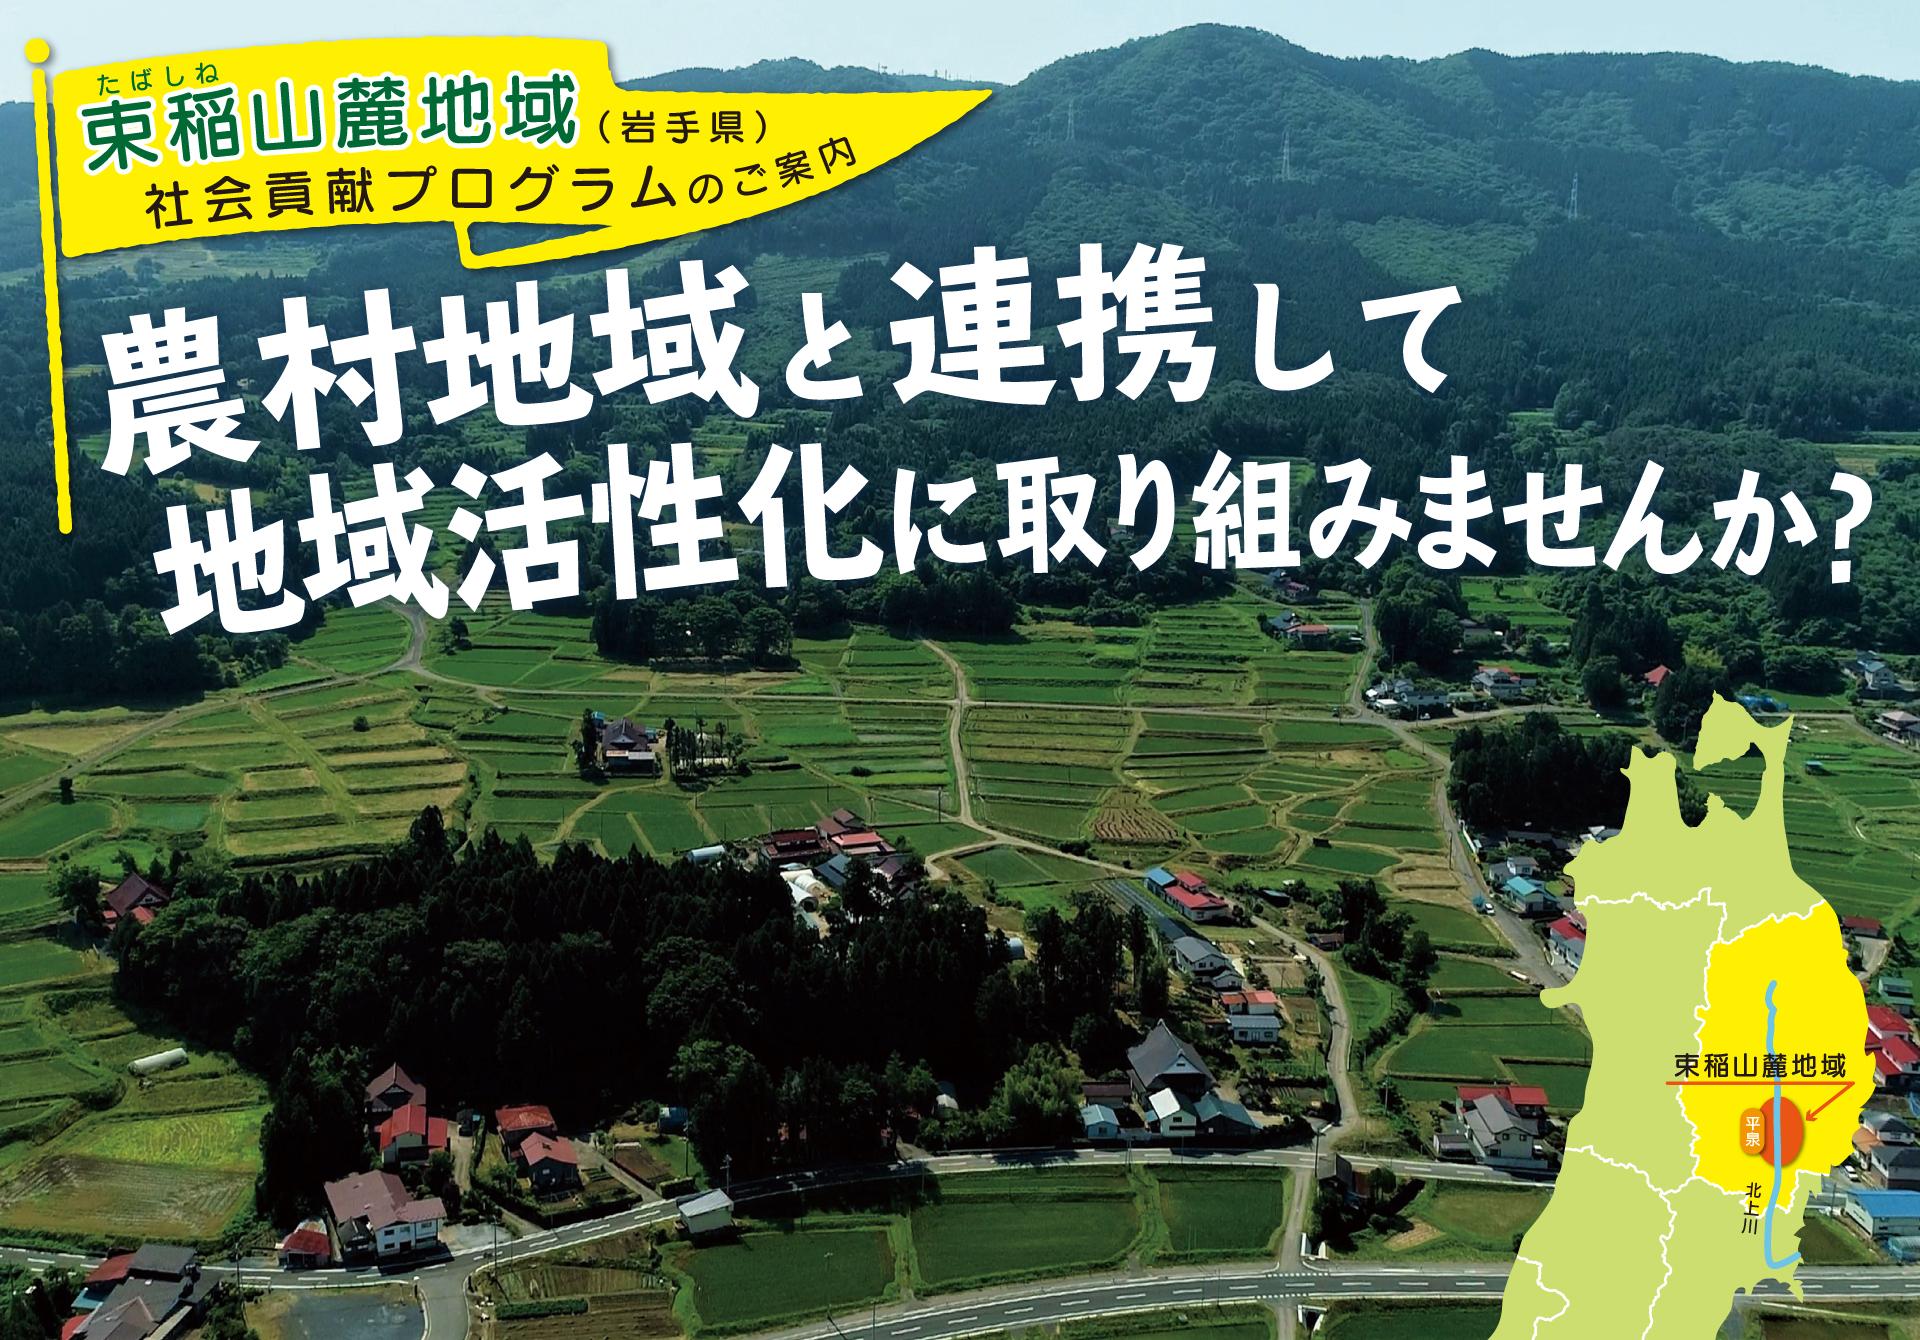 束稲山麓地域社会貢献プログラムのご案内 農村地域と連携して地域活性化に取り組みませんか?